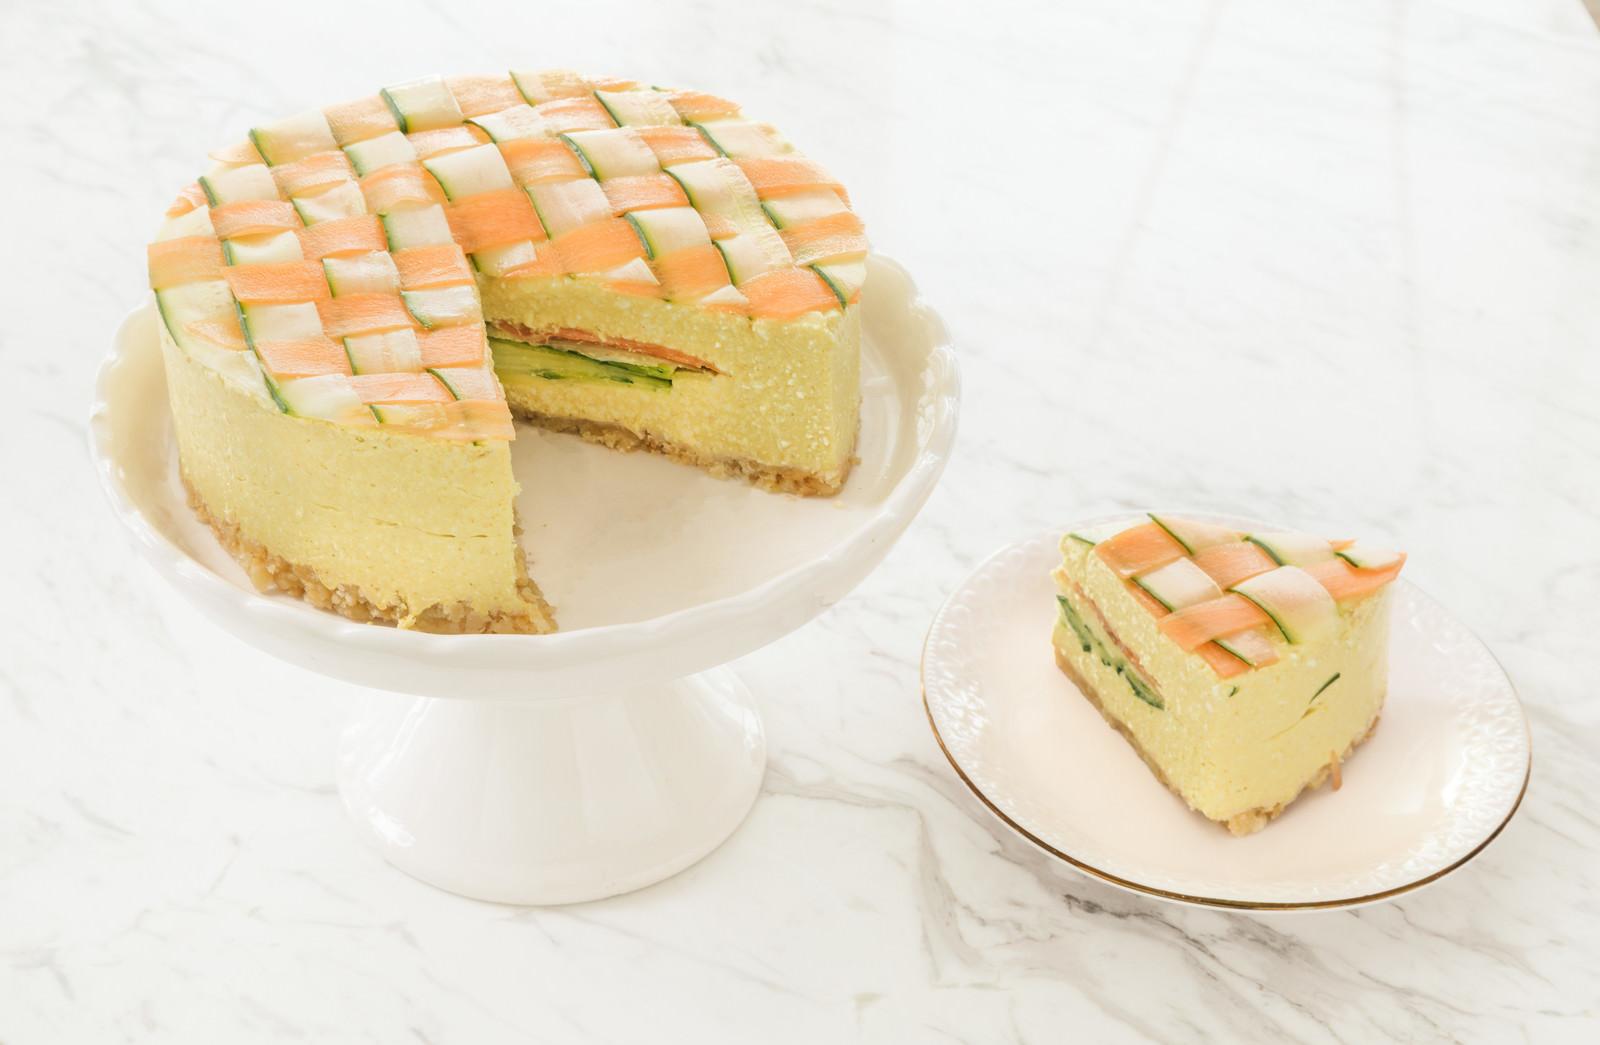 「サラダみたいでヘルシー にんじんとズッキーニの「ベジデコケーキ 」」の写真